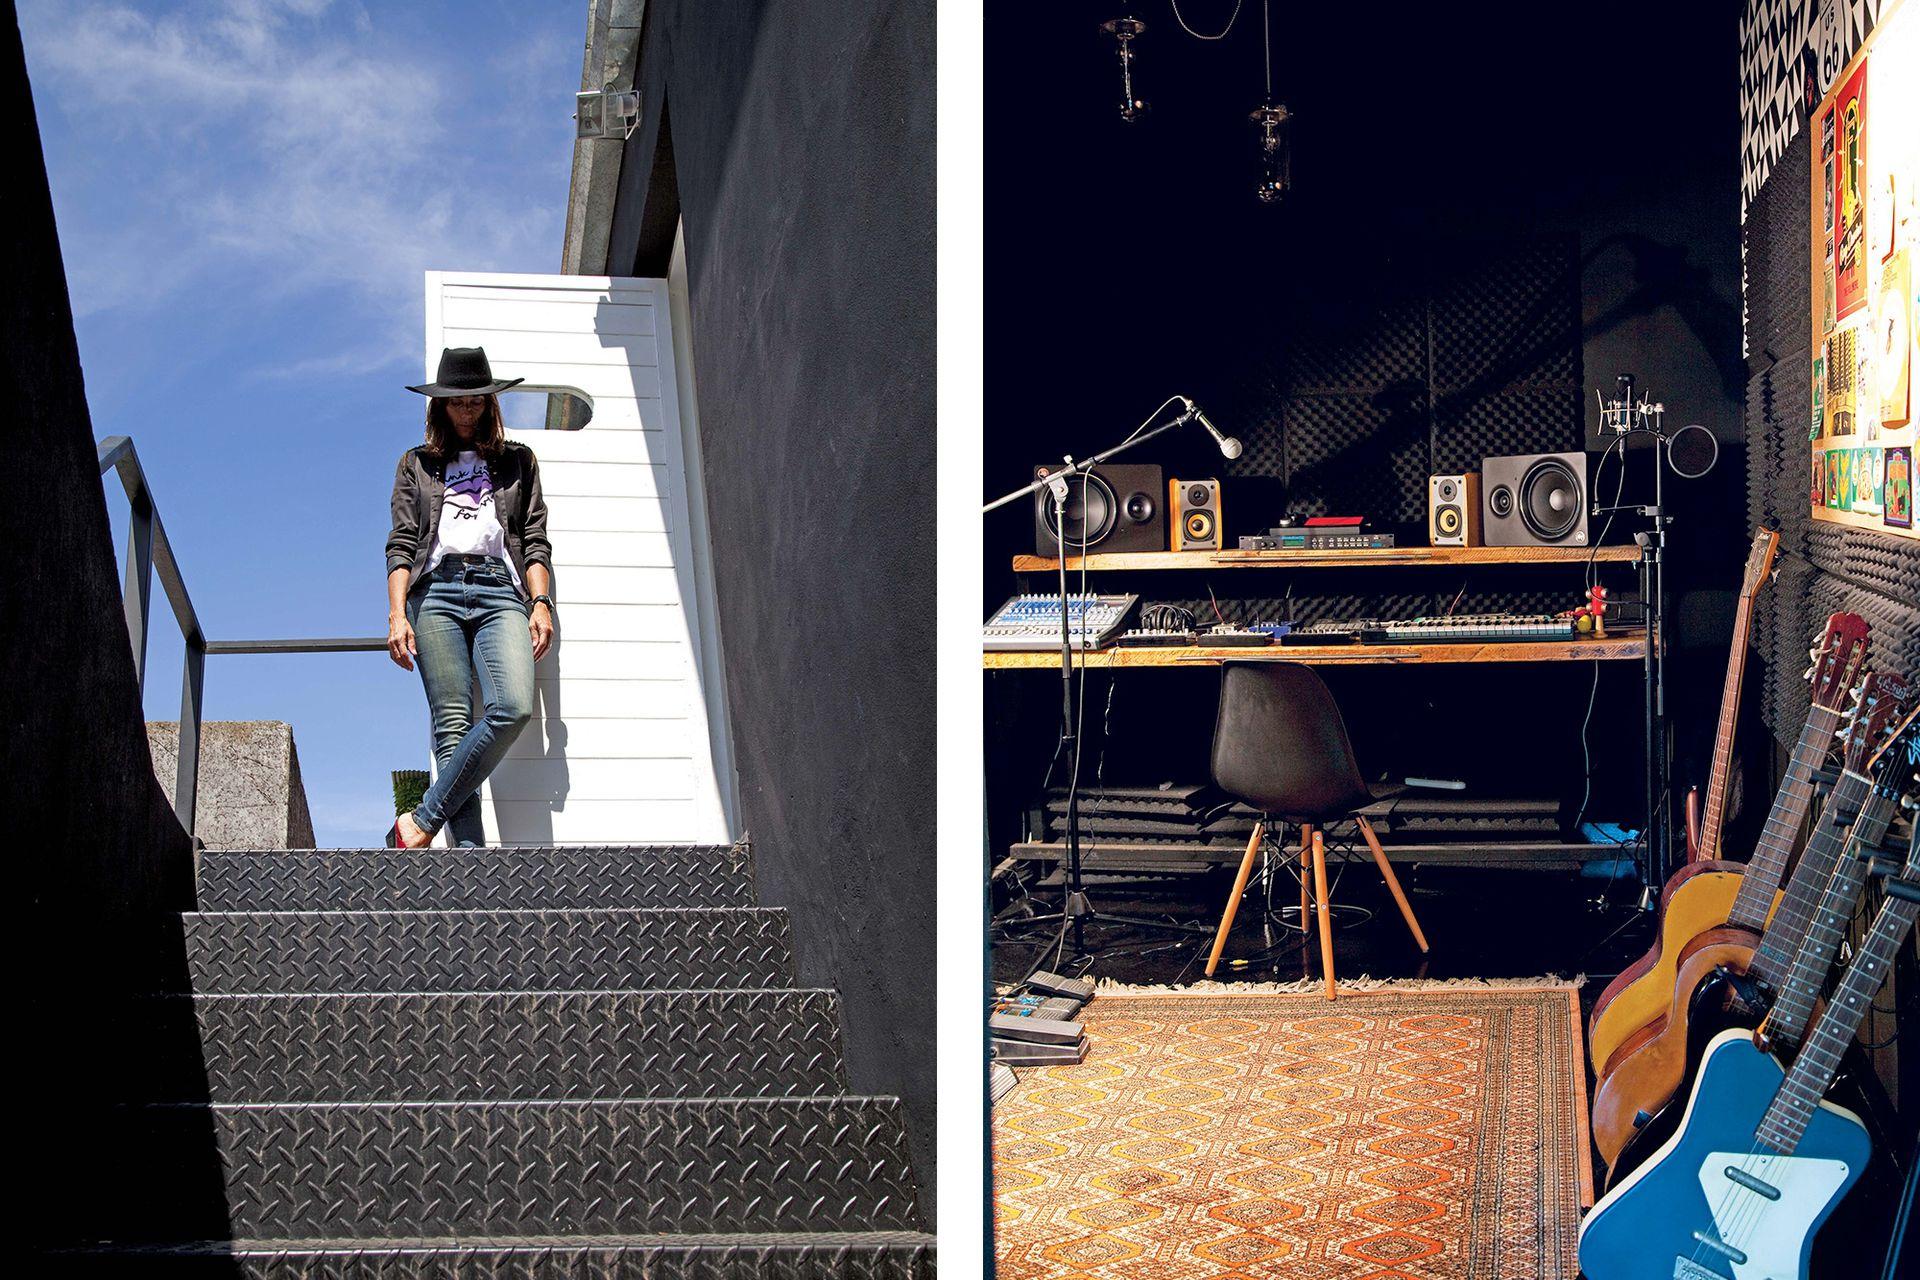 """La entrada exterior al nivel de """"ocio creativo"""", como le llama Laura, es por una escalera de chapa negra."""